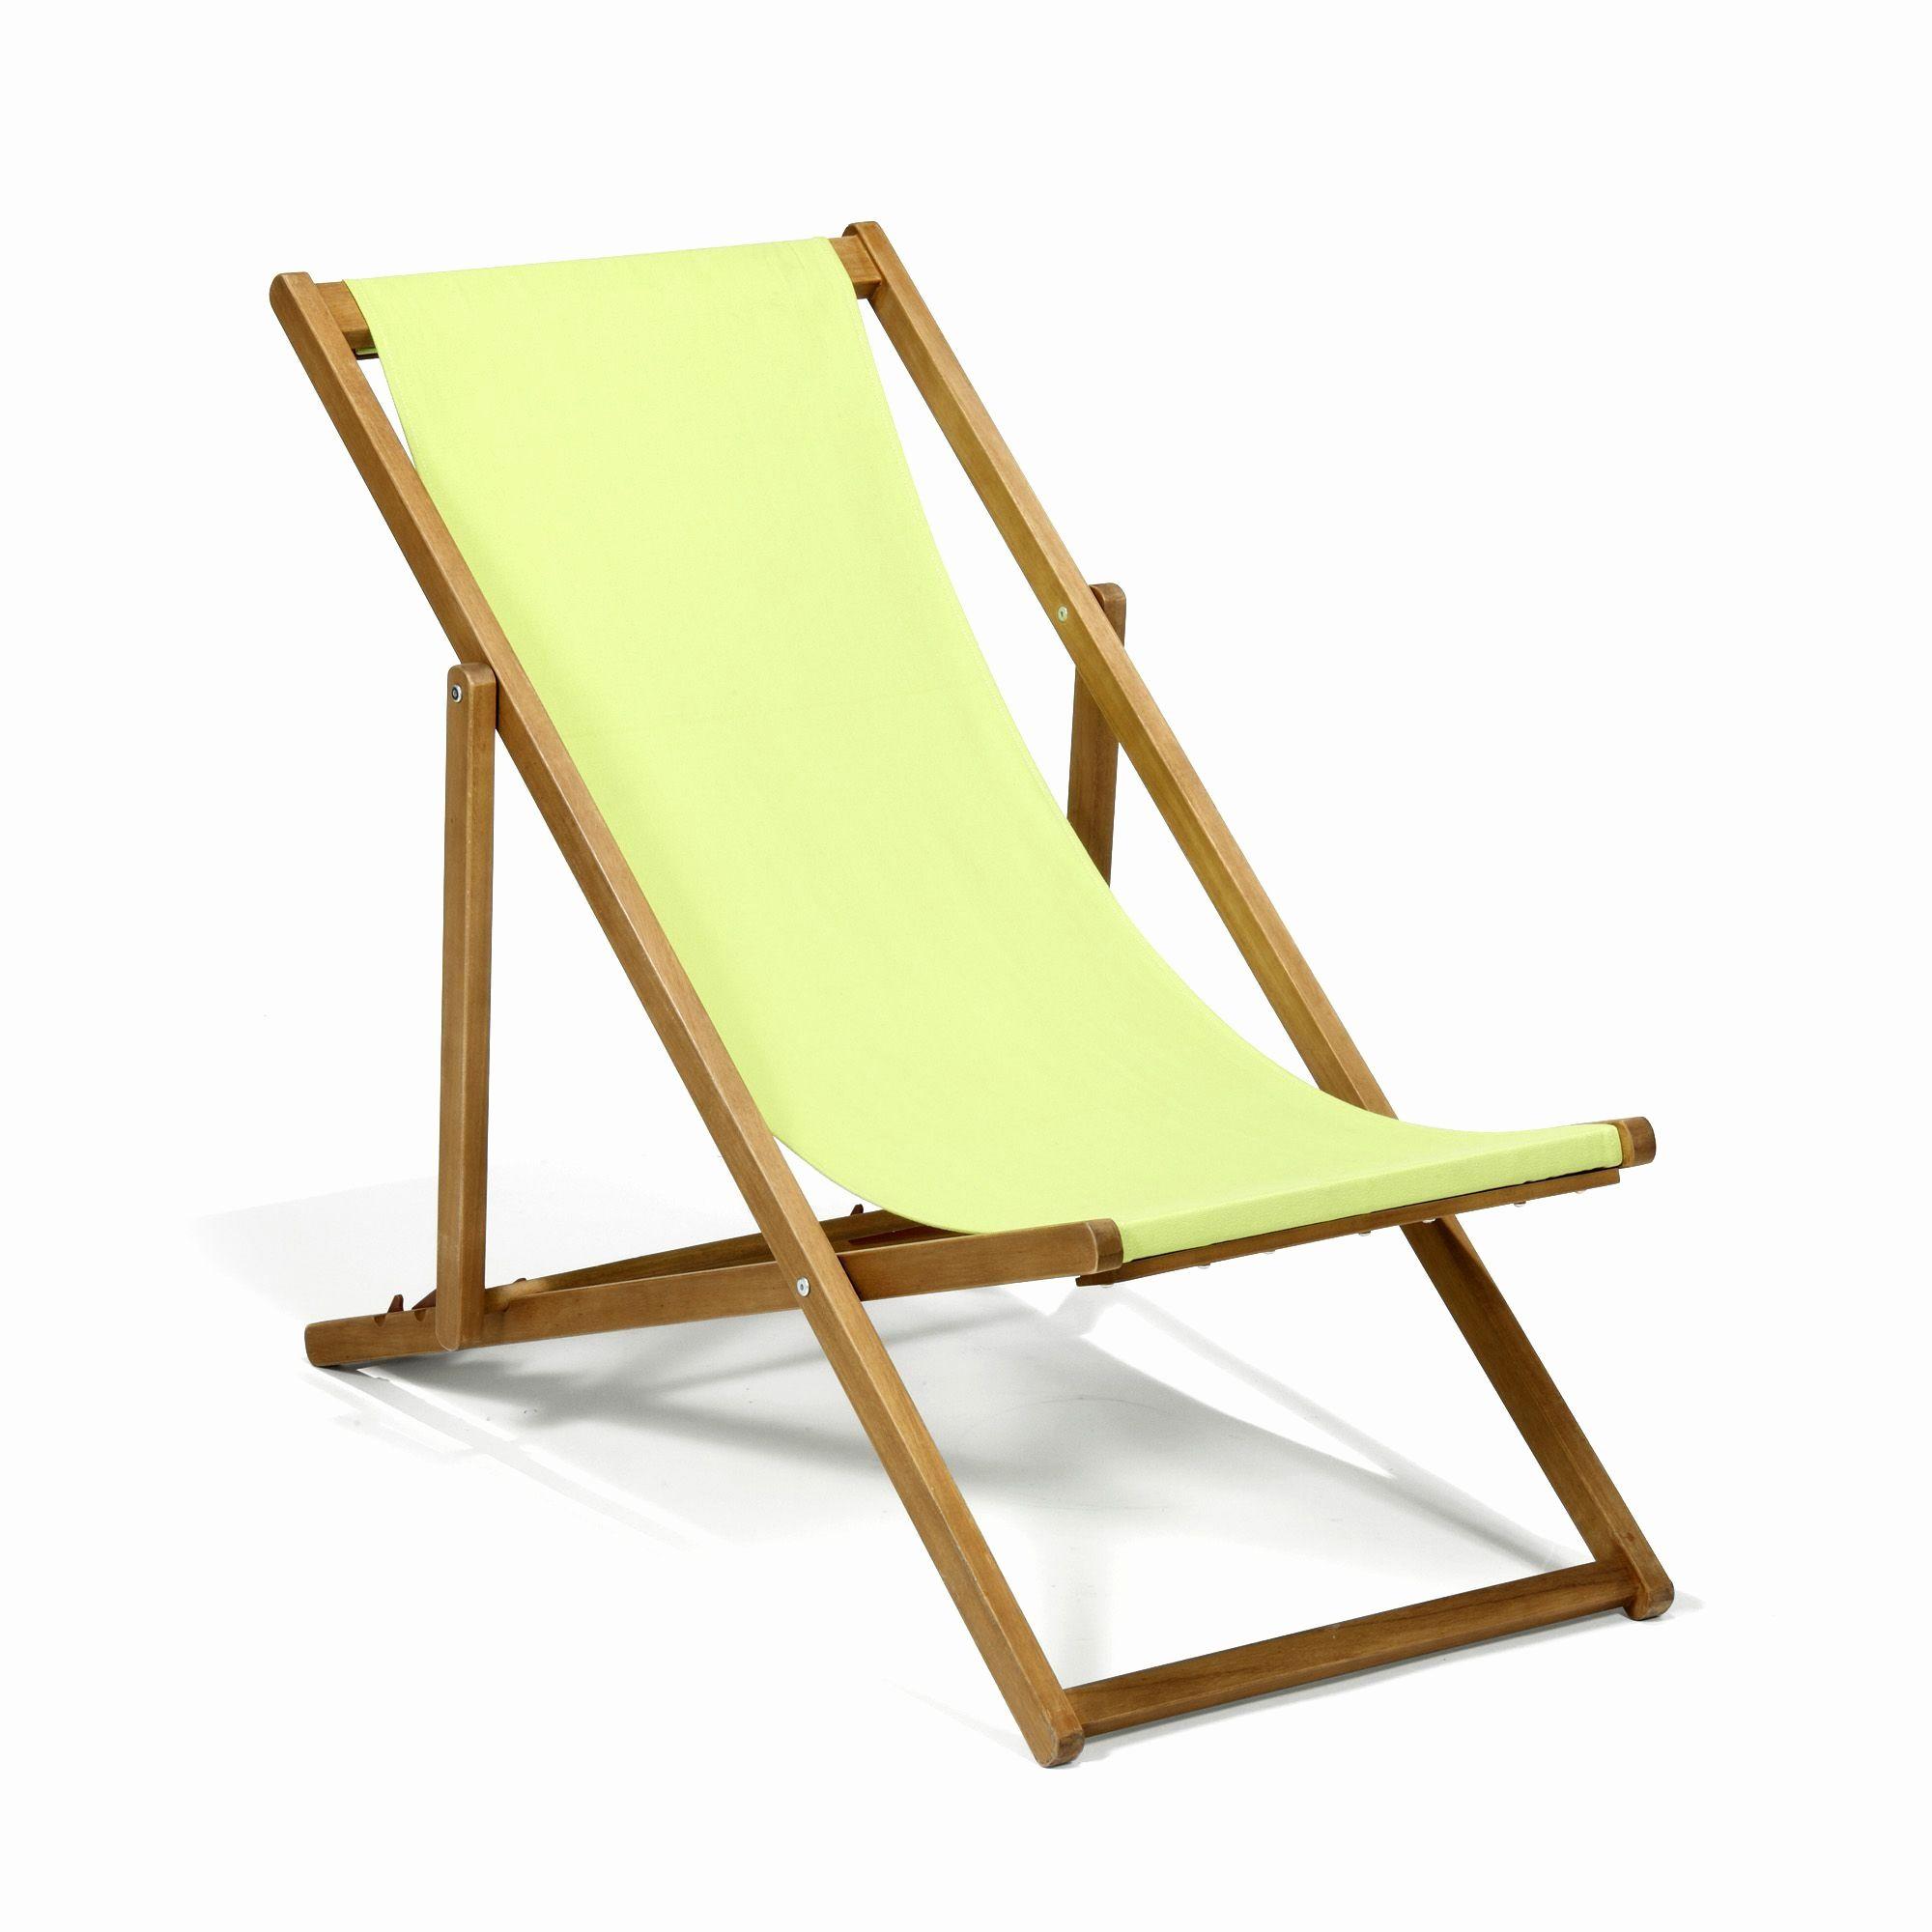 Transat Jardin Ikea   Outdoor Furniture, Furniture, Outdoor ... concernant Transat Ikea